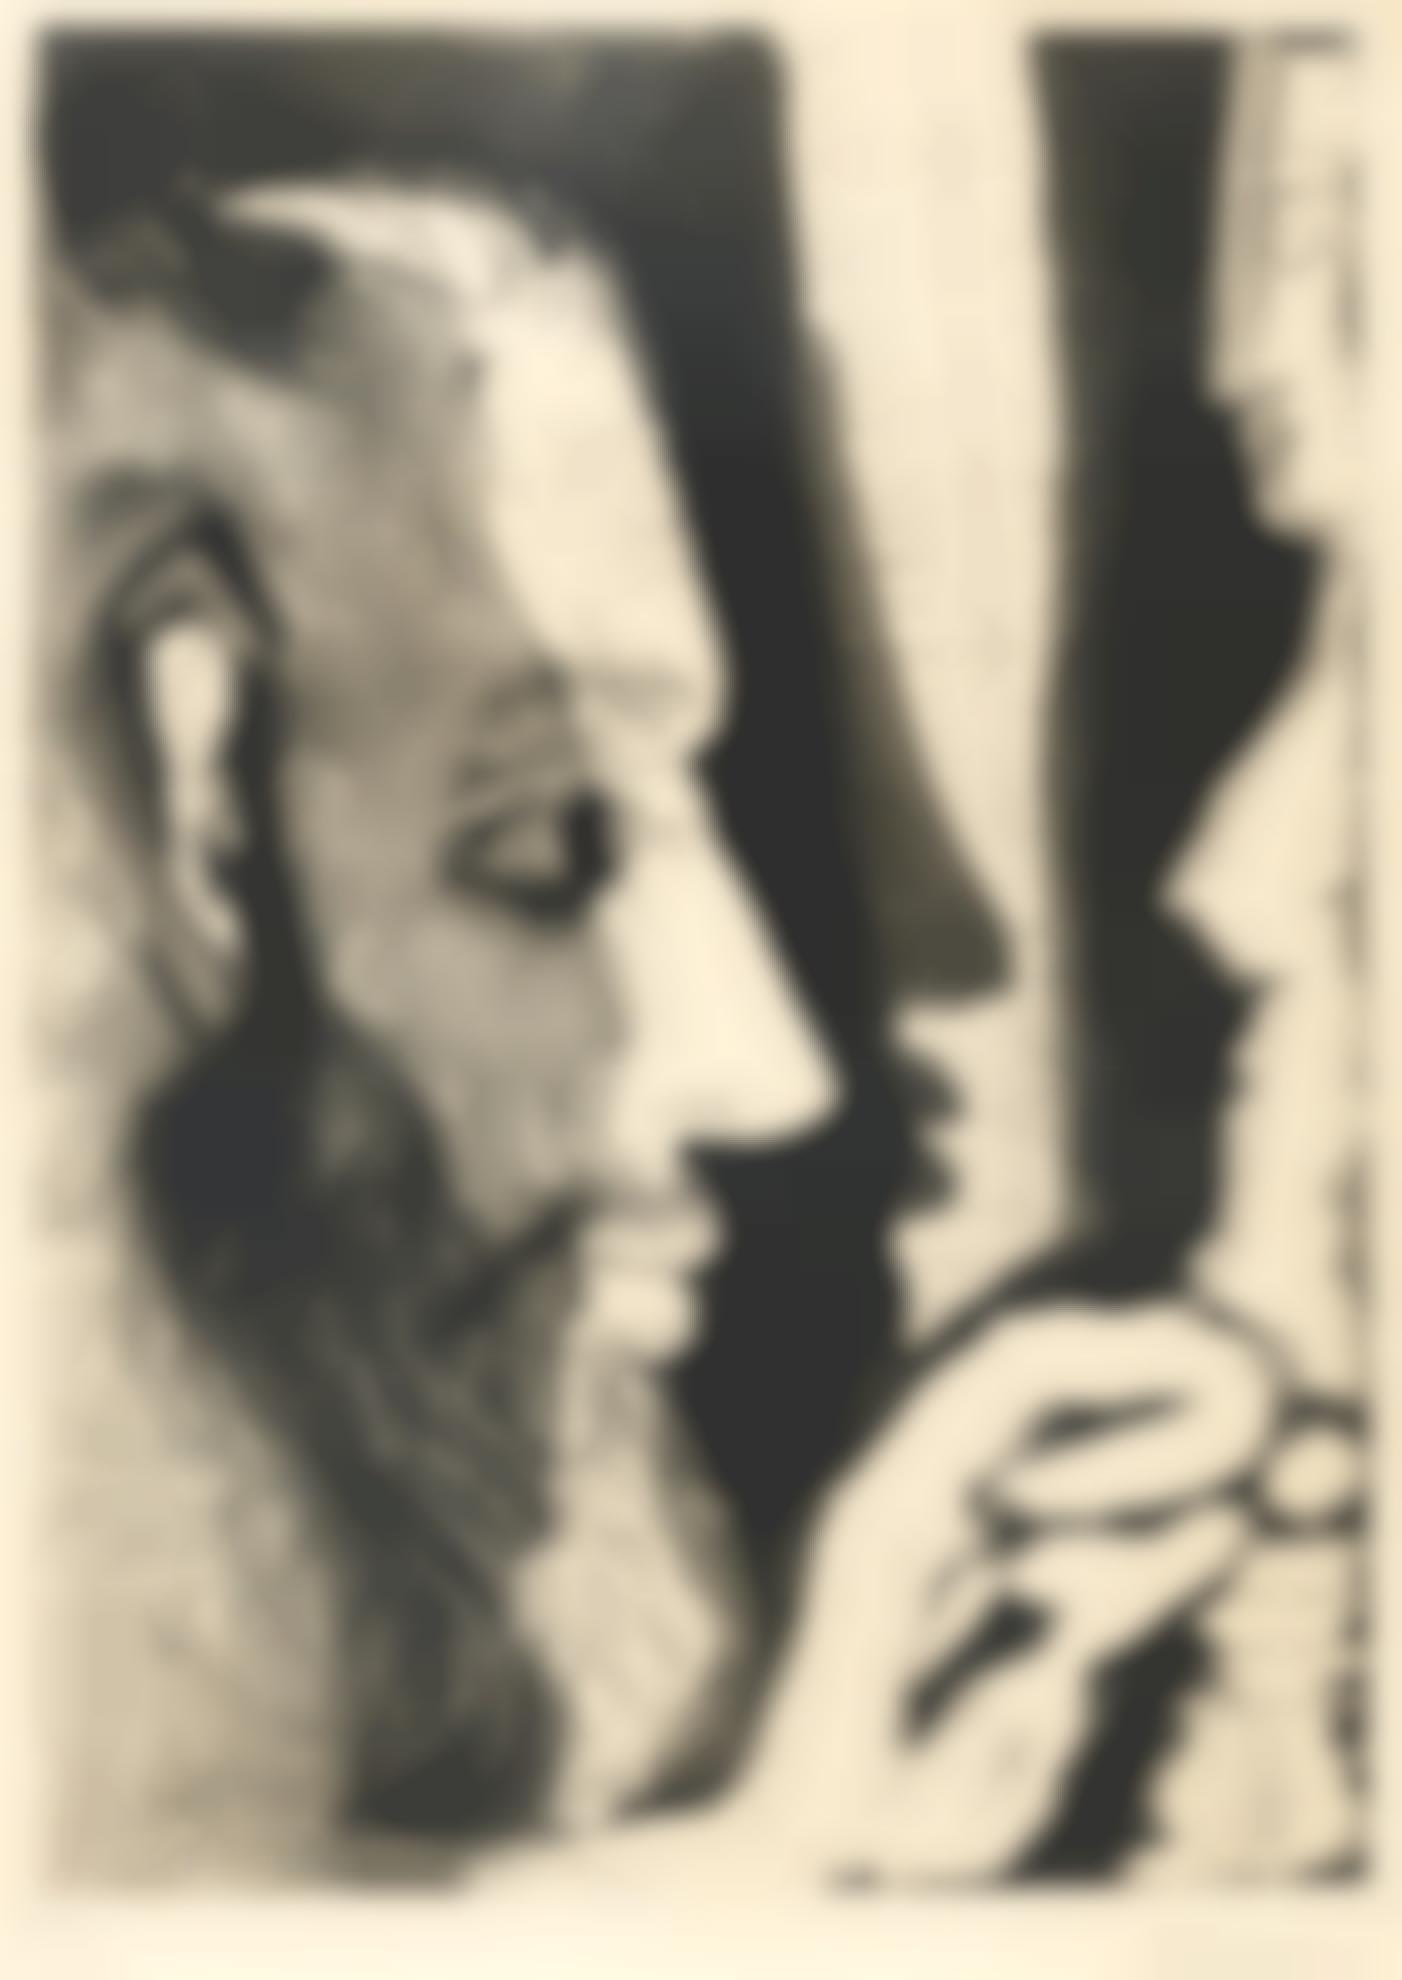 Pablo Picasso-Sculpteur Travaillant A Un Buste De Femme. I (B. 1196; Ba. 1178)-1965